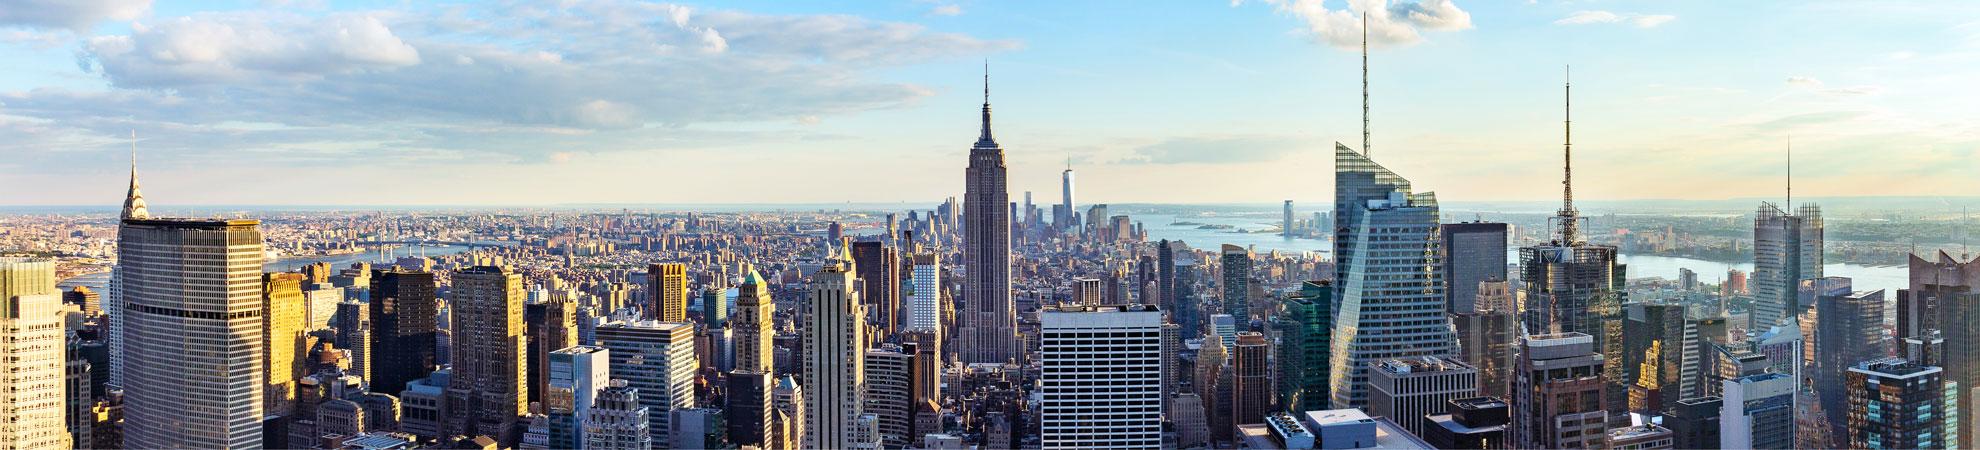 Voyage organisé à new york pour un séjour en hotel tout compris